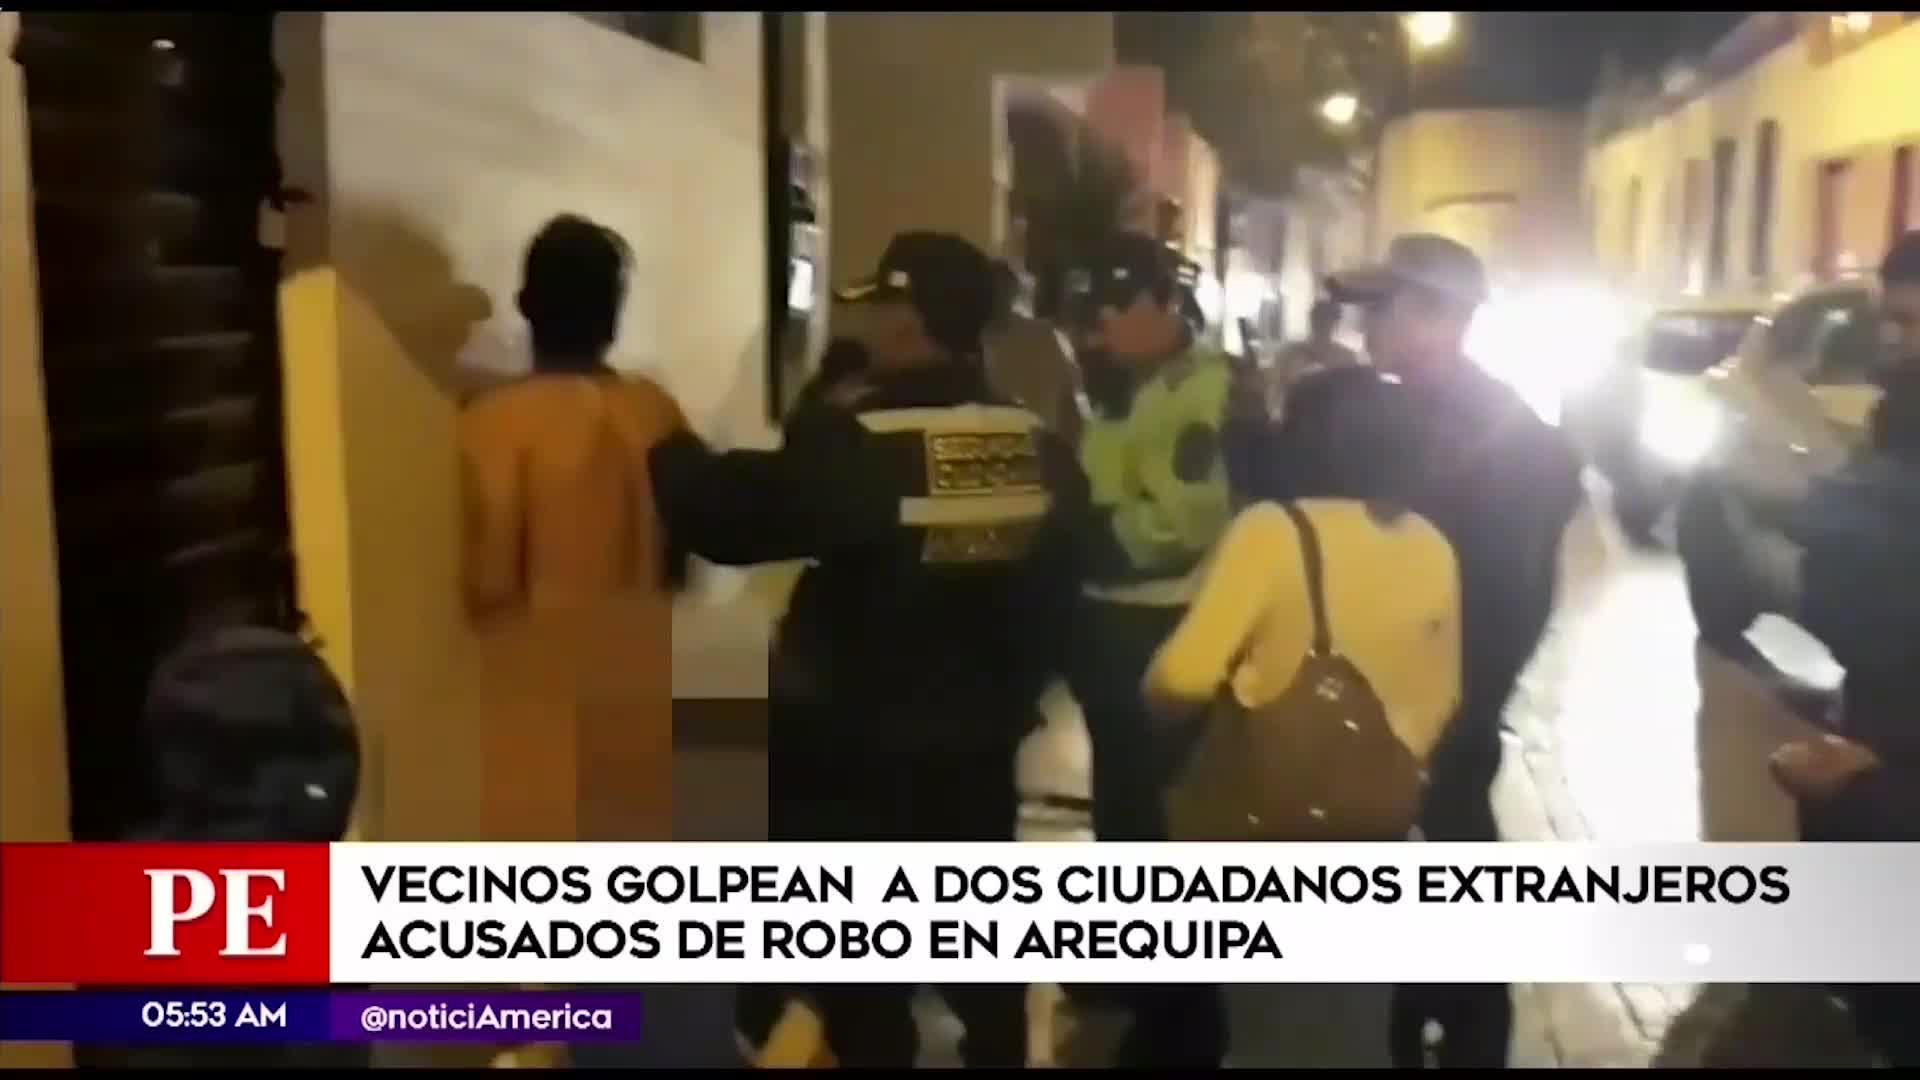 Arequipa: Vecinos golpean y desnudan a ciudadanos extanjeros acusados de robo